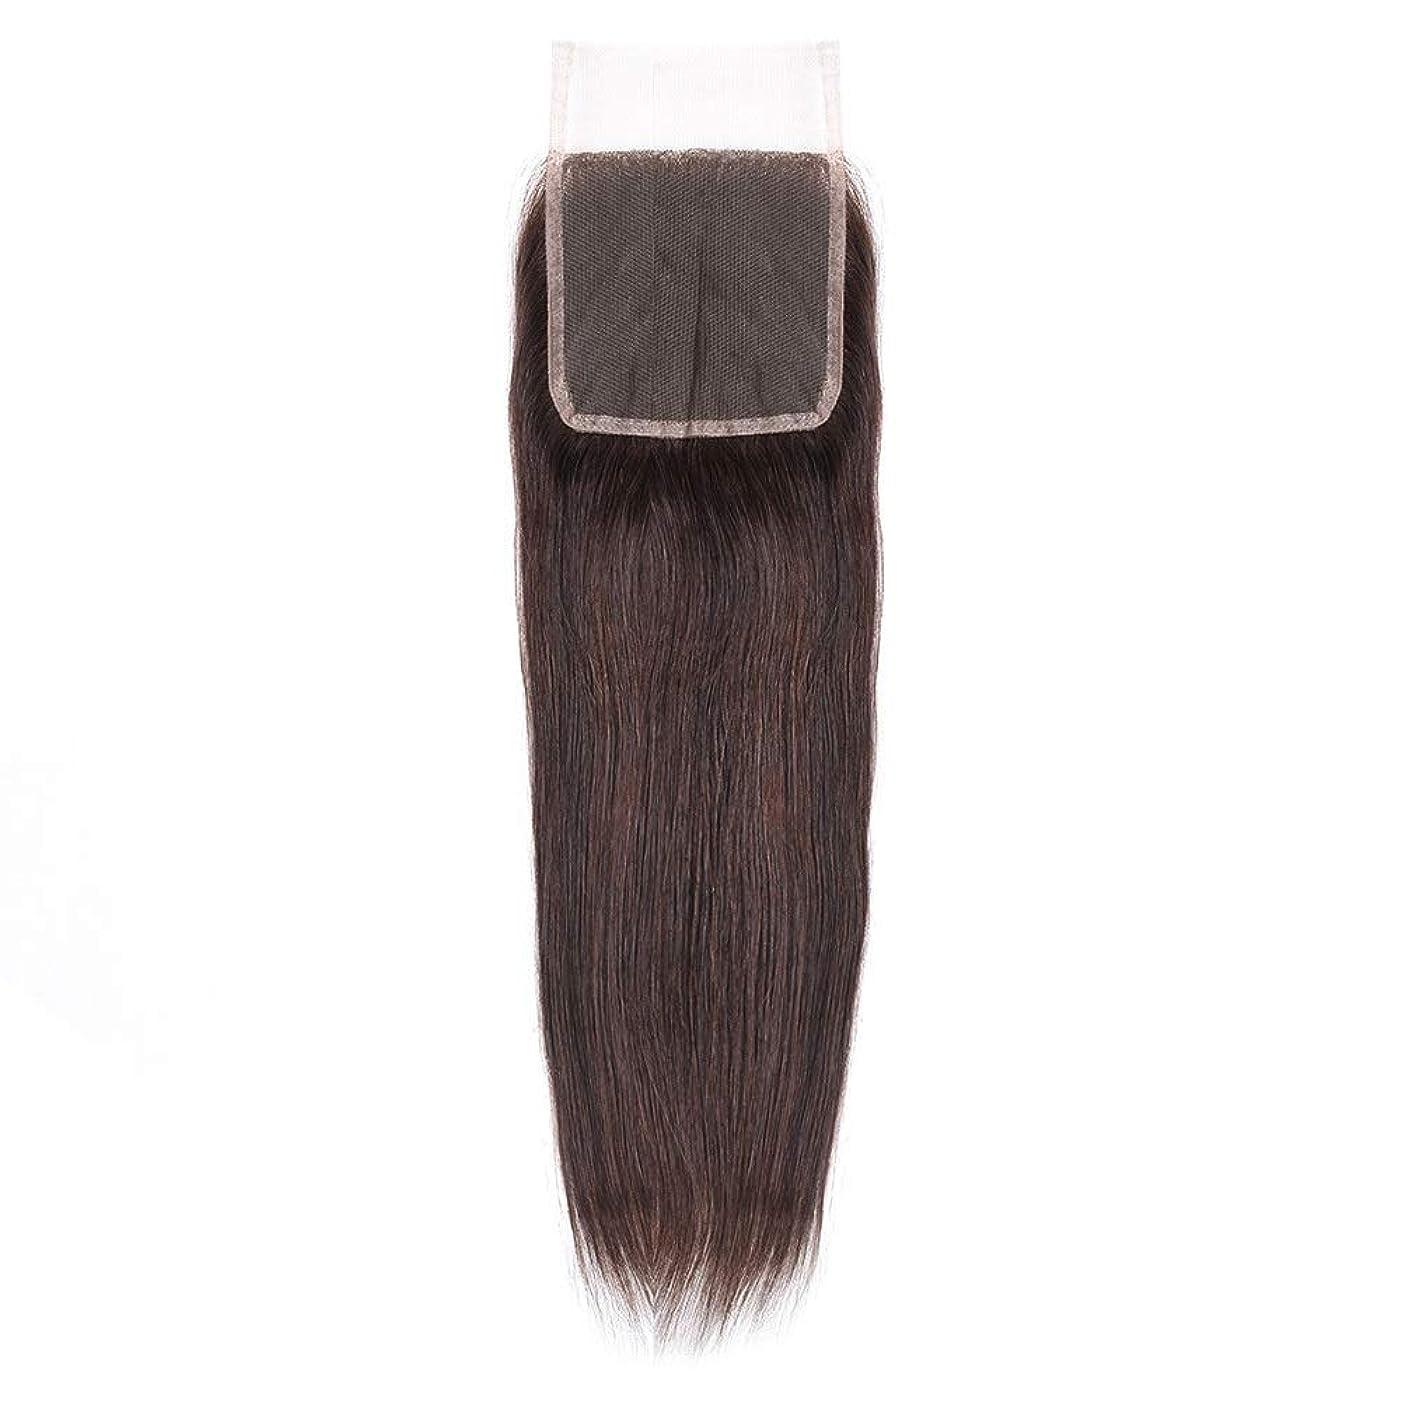 破産距離印刷するHOHYLLYA 絹のような長い茶色のレースの閉鎖ストレートヘアレース前頭ブラジル髪の耳に4 x 4自由な部分の人間の毛髪の女性の合成かつらレースのかつらロールプレイングかつら (色 : 黒, サイズ : 18 inch)